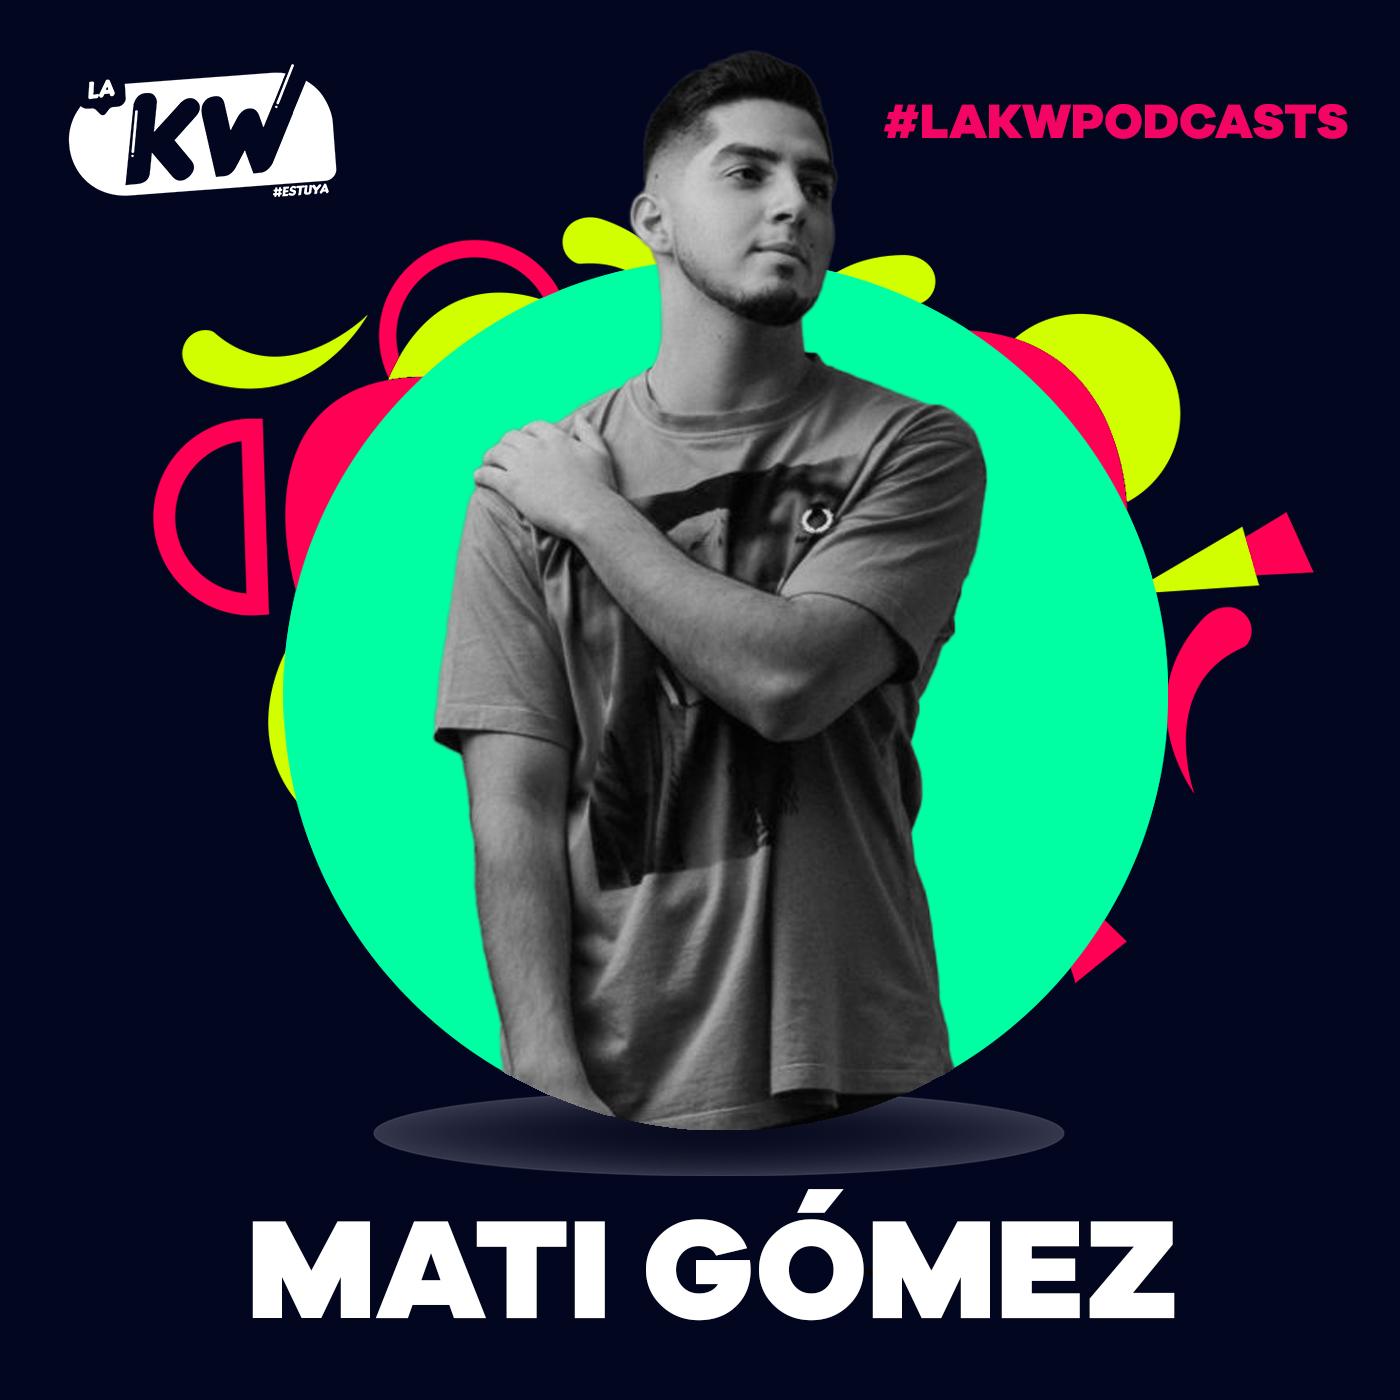 Mati Gómez en La KW | #LaKWPodcasts